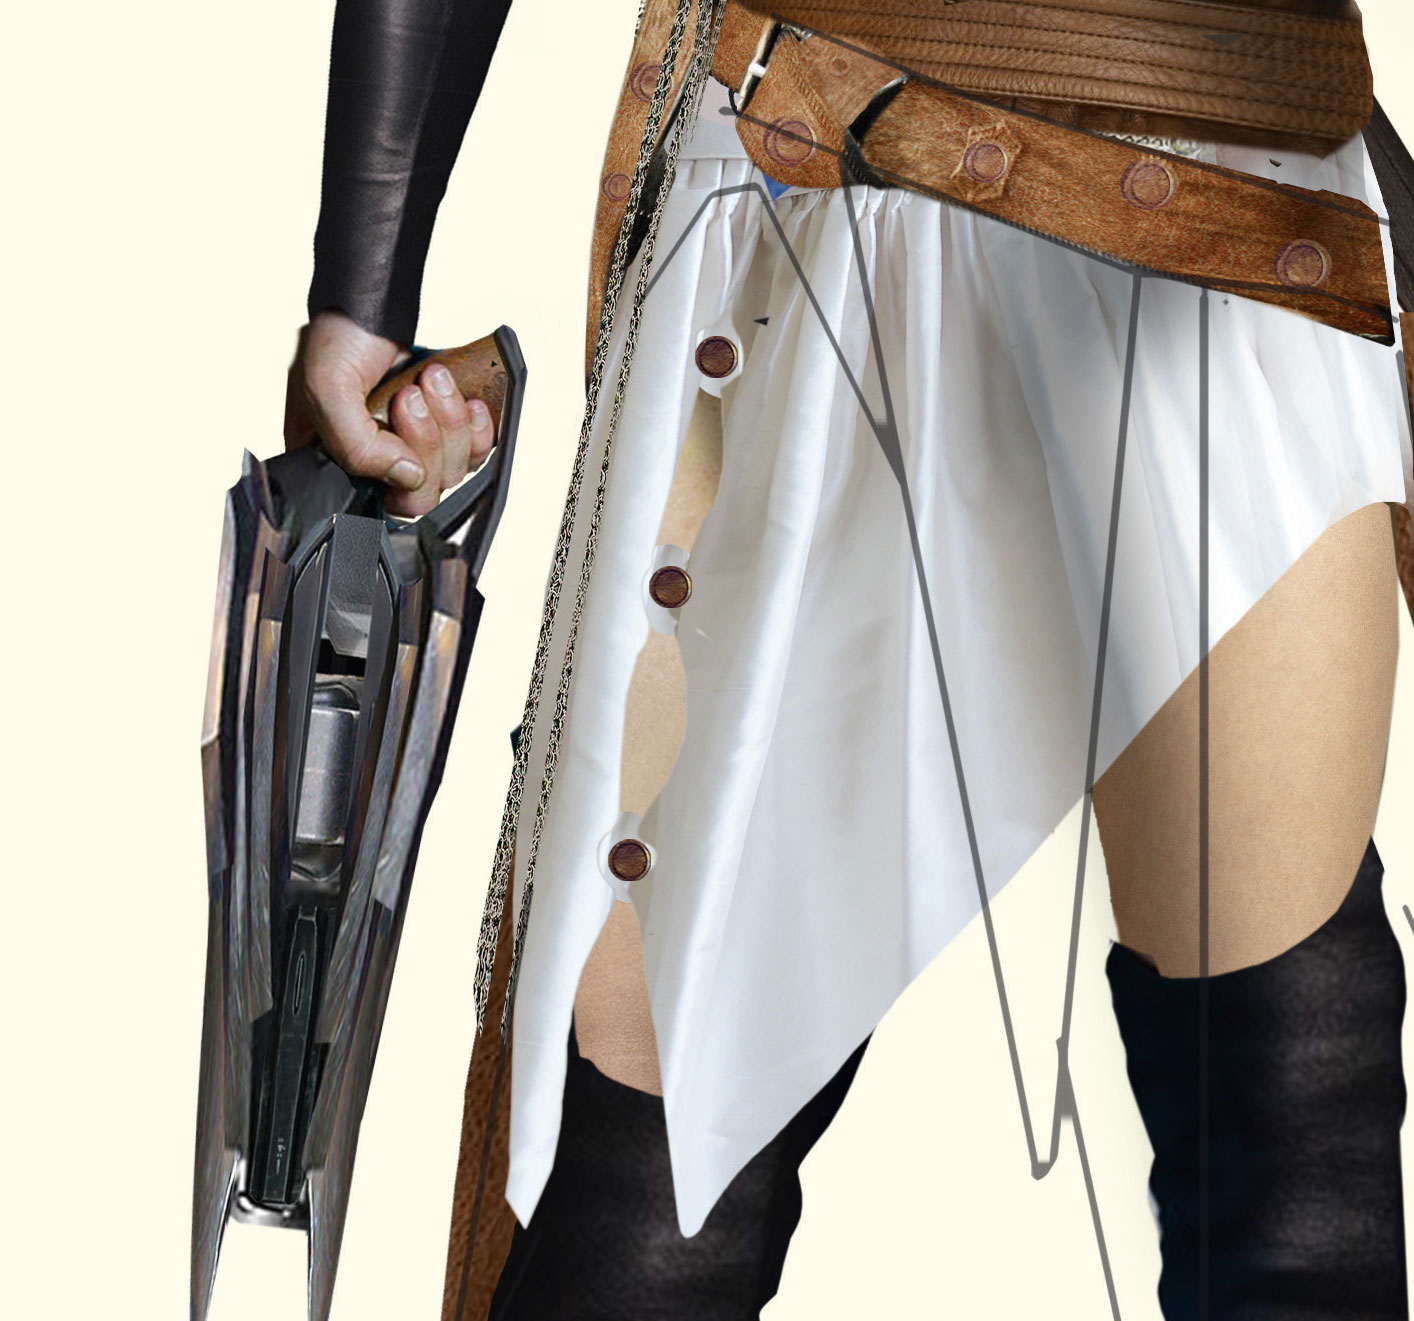 Fantasy figure holding matching gun